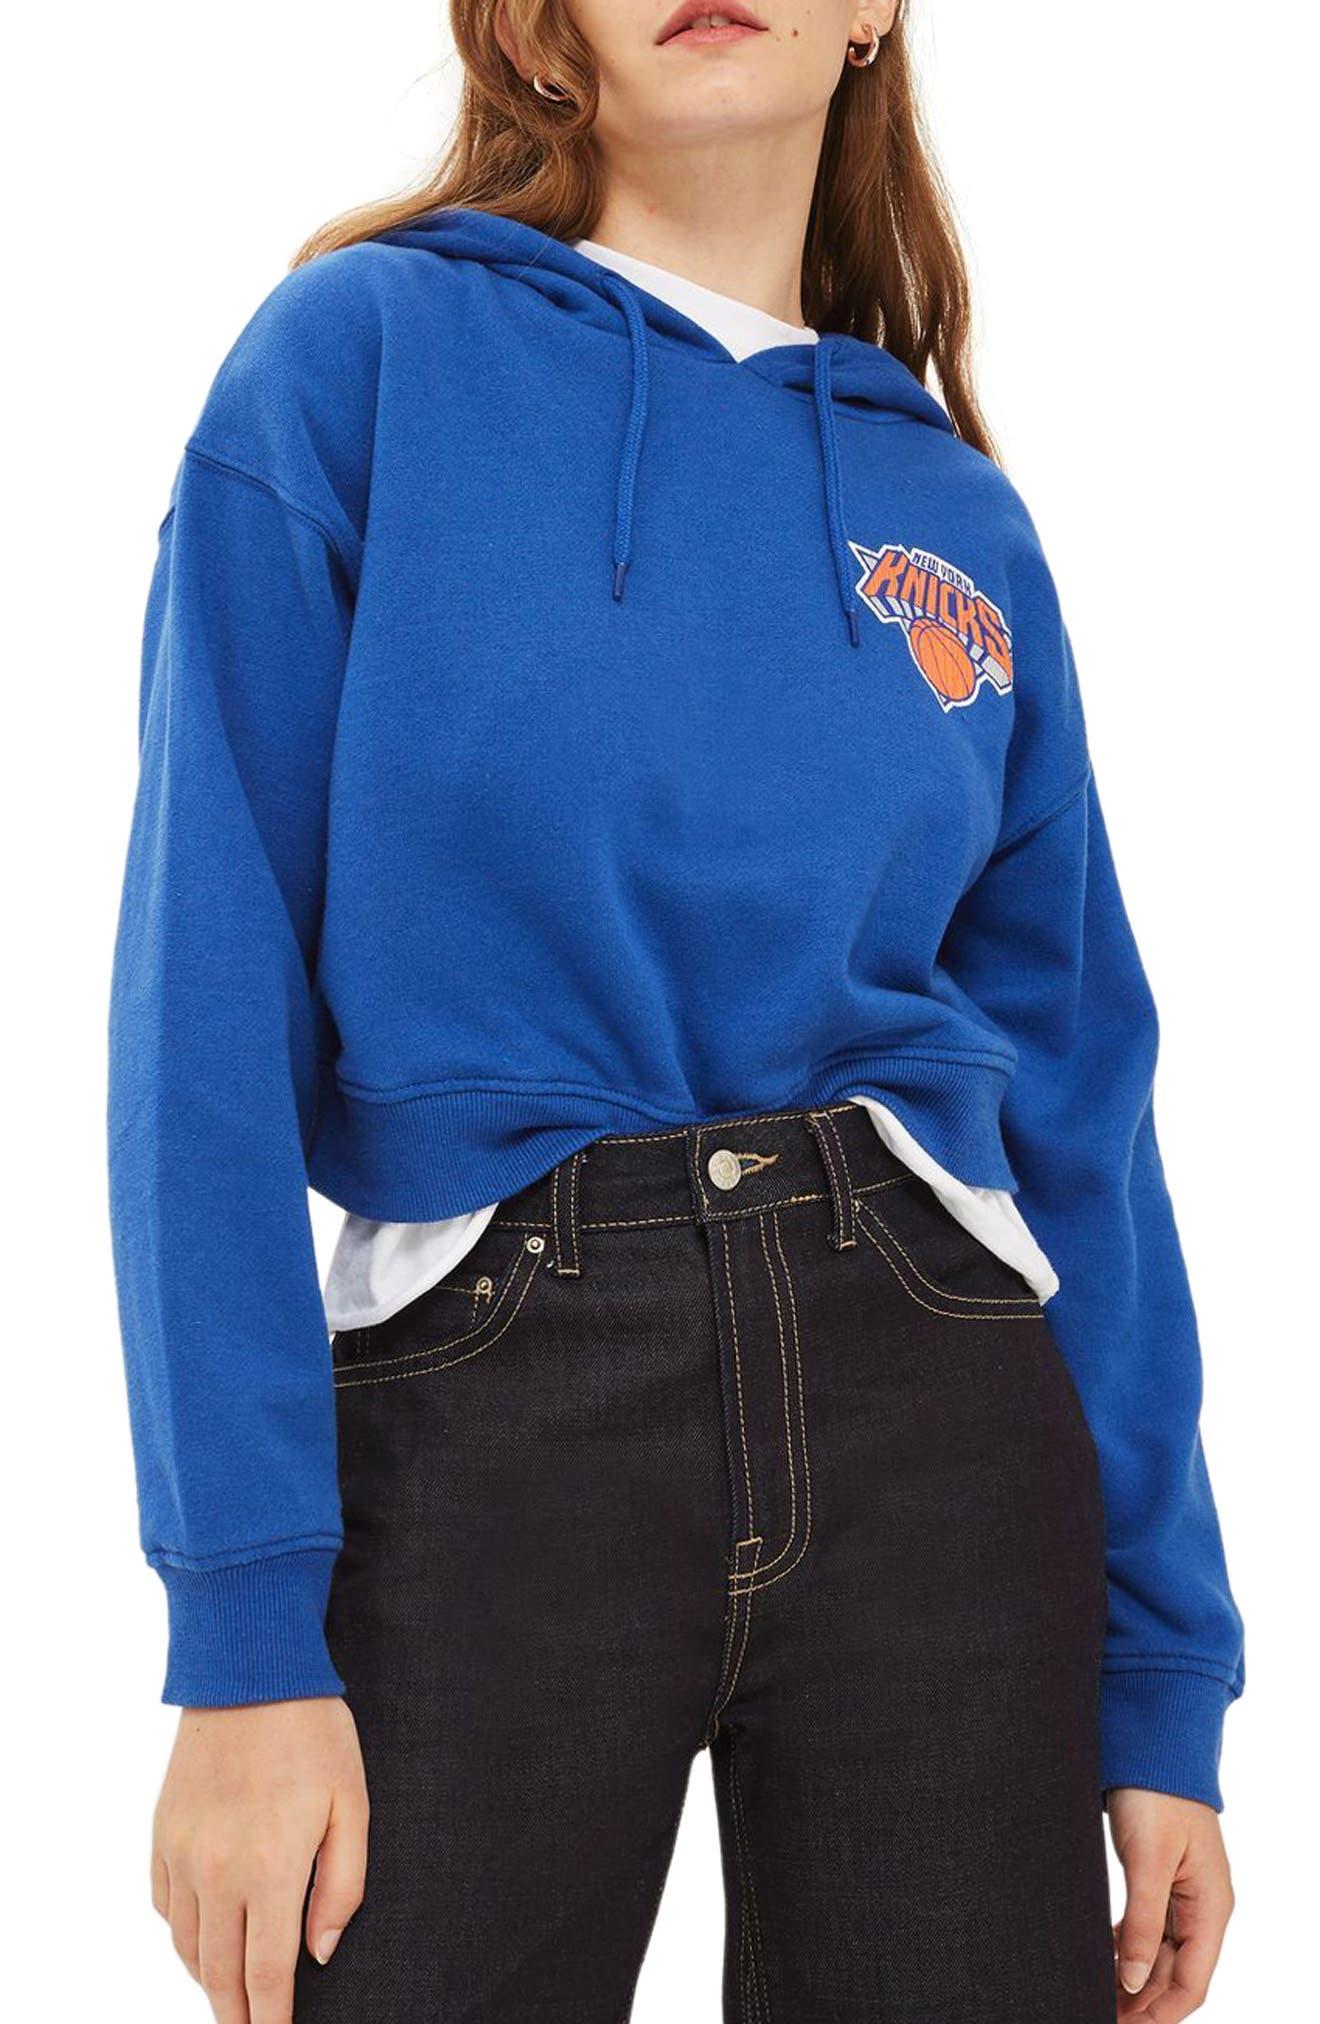 Topshop x UNK NY Knicks Crop Hoodie